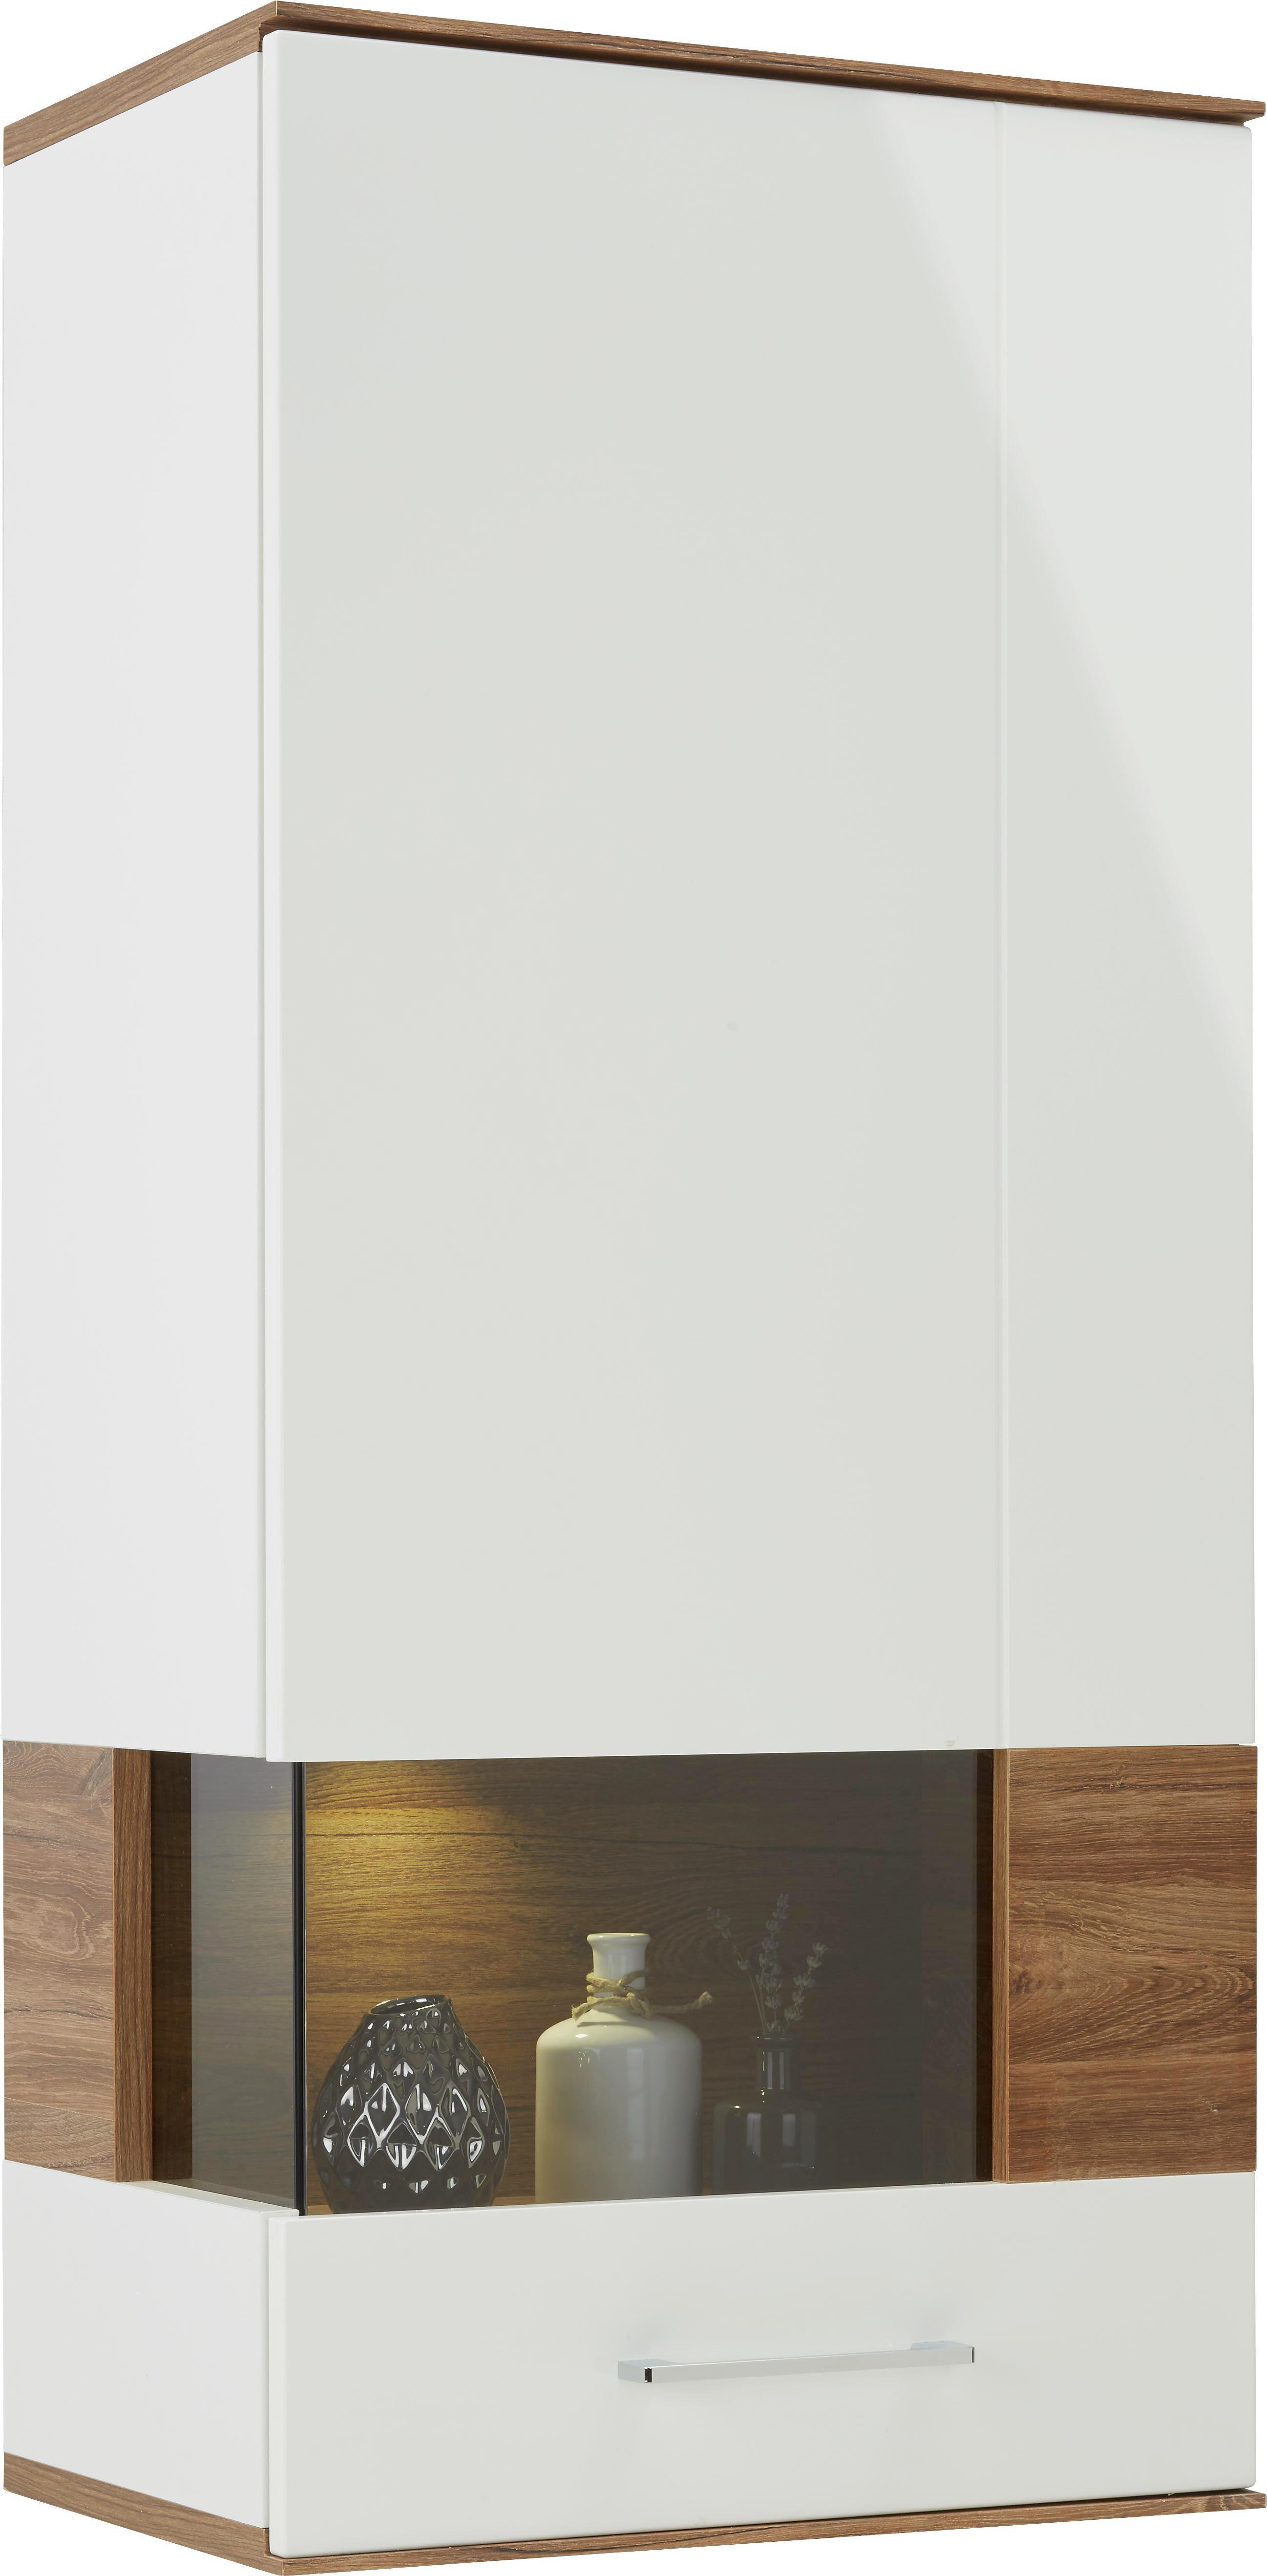 Hängeelement in Weiß/akazie - Weiß, MODERN, Holz (60/133/37cm) - PREMIUM LIVING